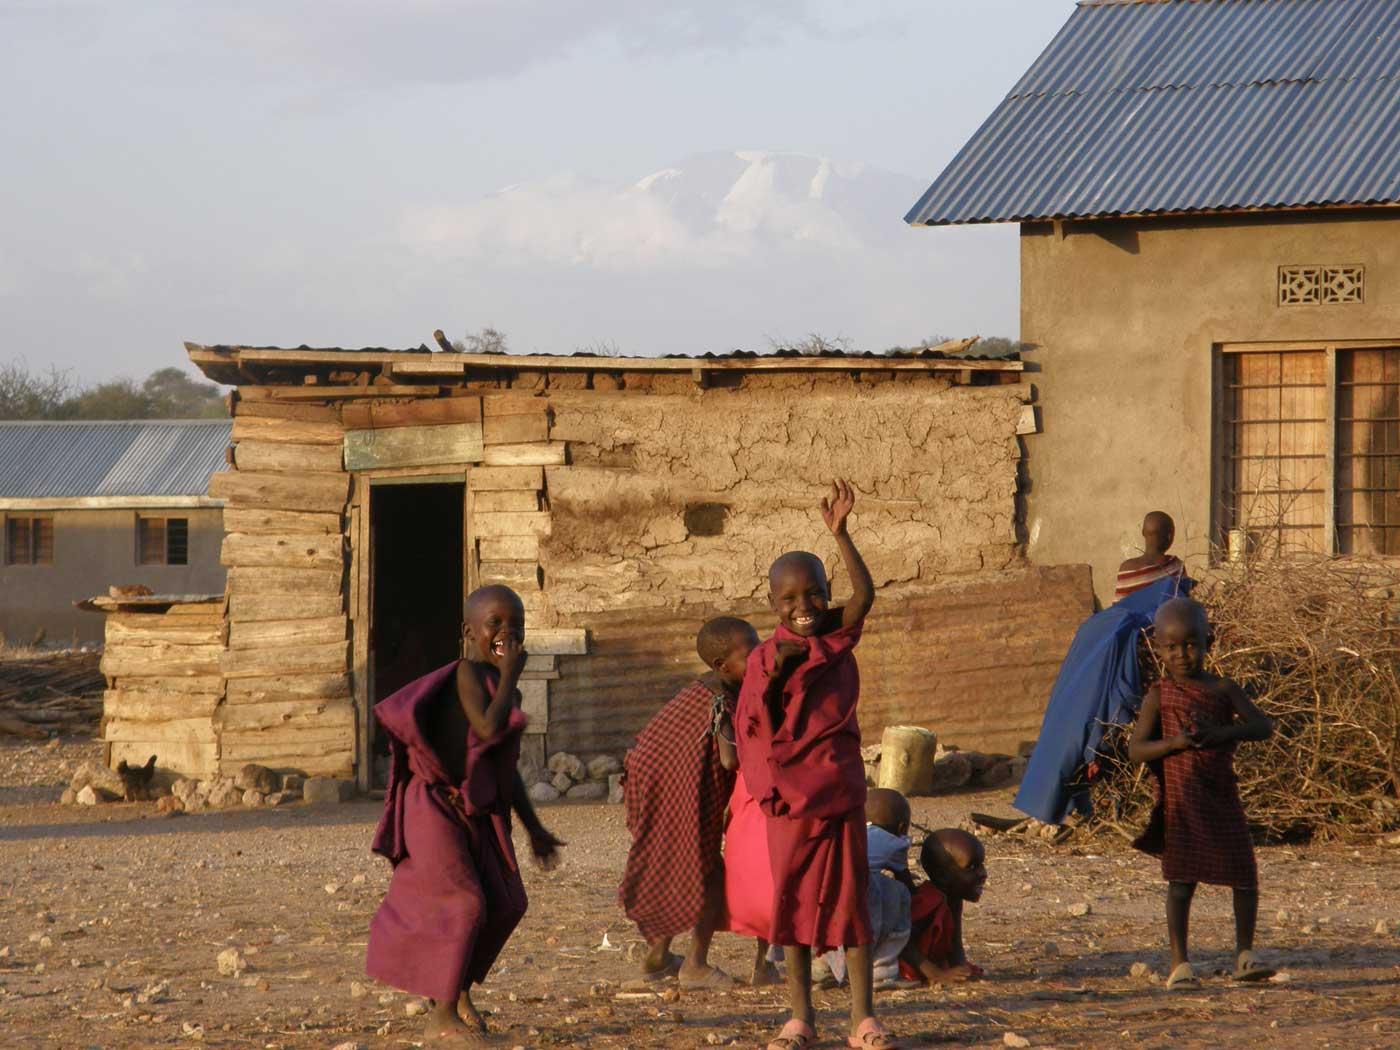 Lengasiti Maasai village met Kilimanjaro